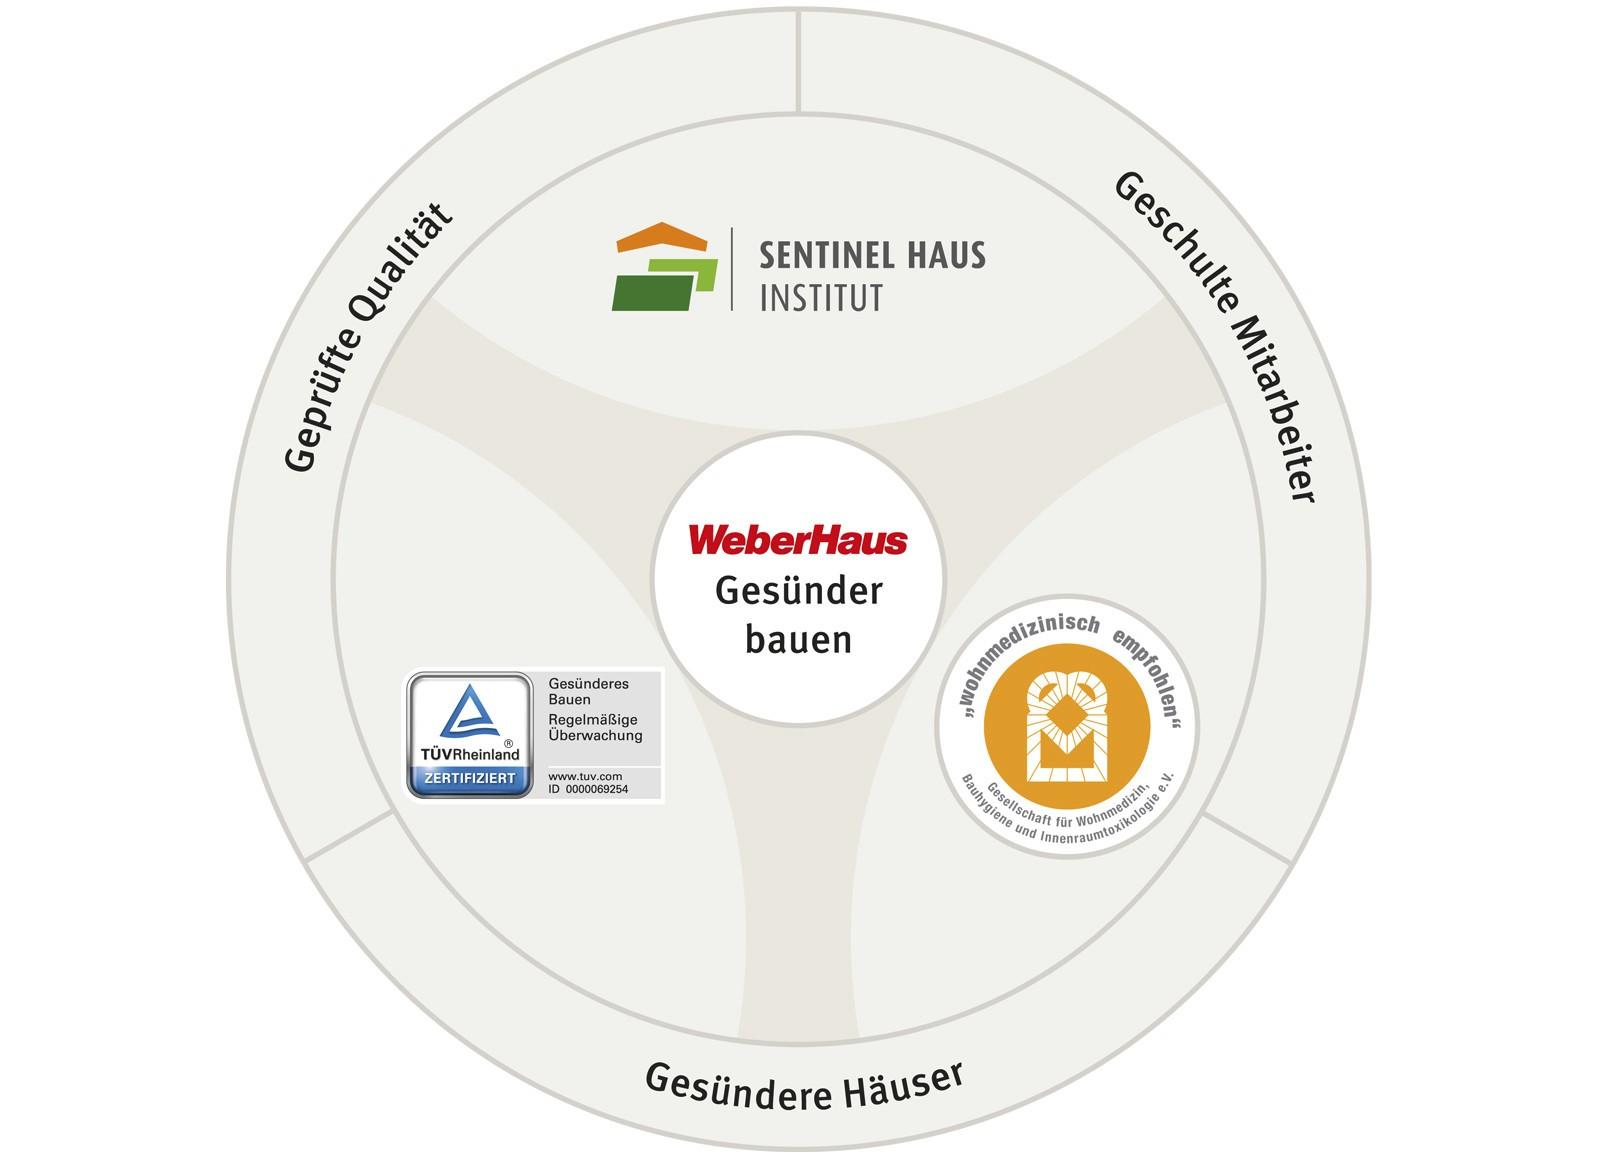 Gesünder Bauen - Zertifizierungen für Wohngesundheit bei WeberHaus